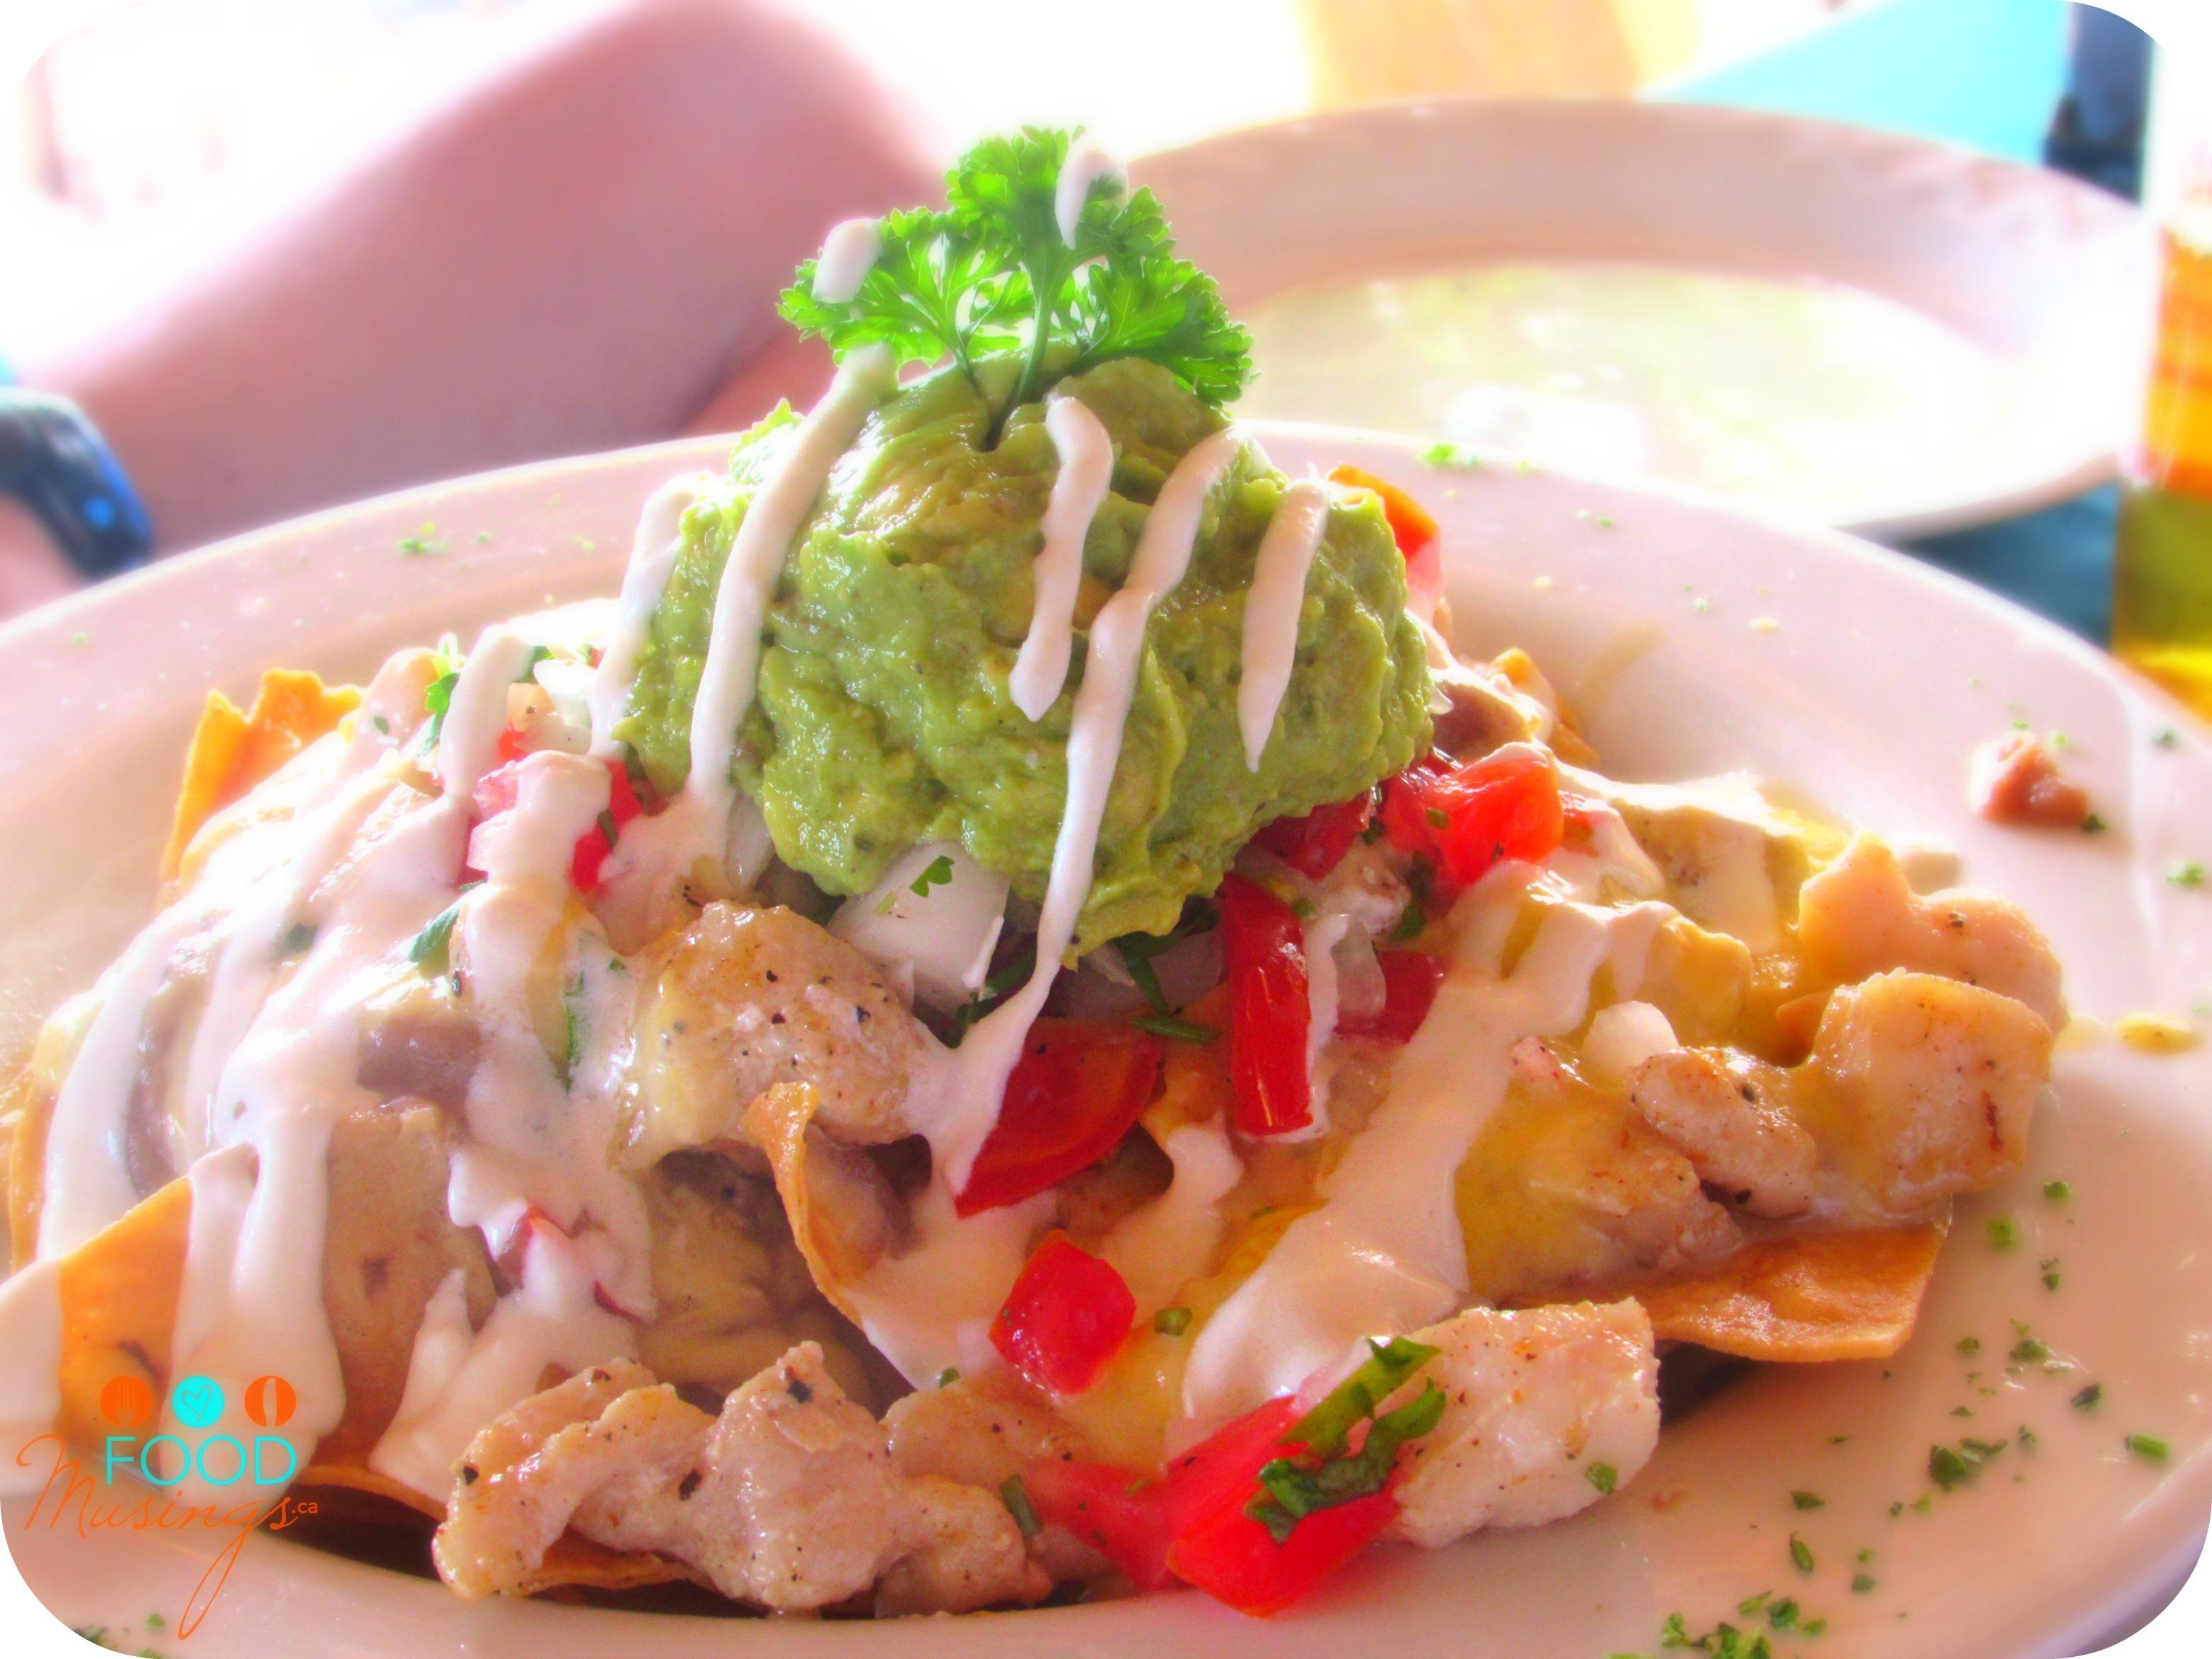 Casa de los suenos isla mujeres restaurant food for Casa de chicas